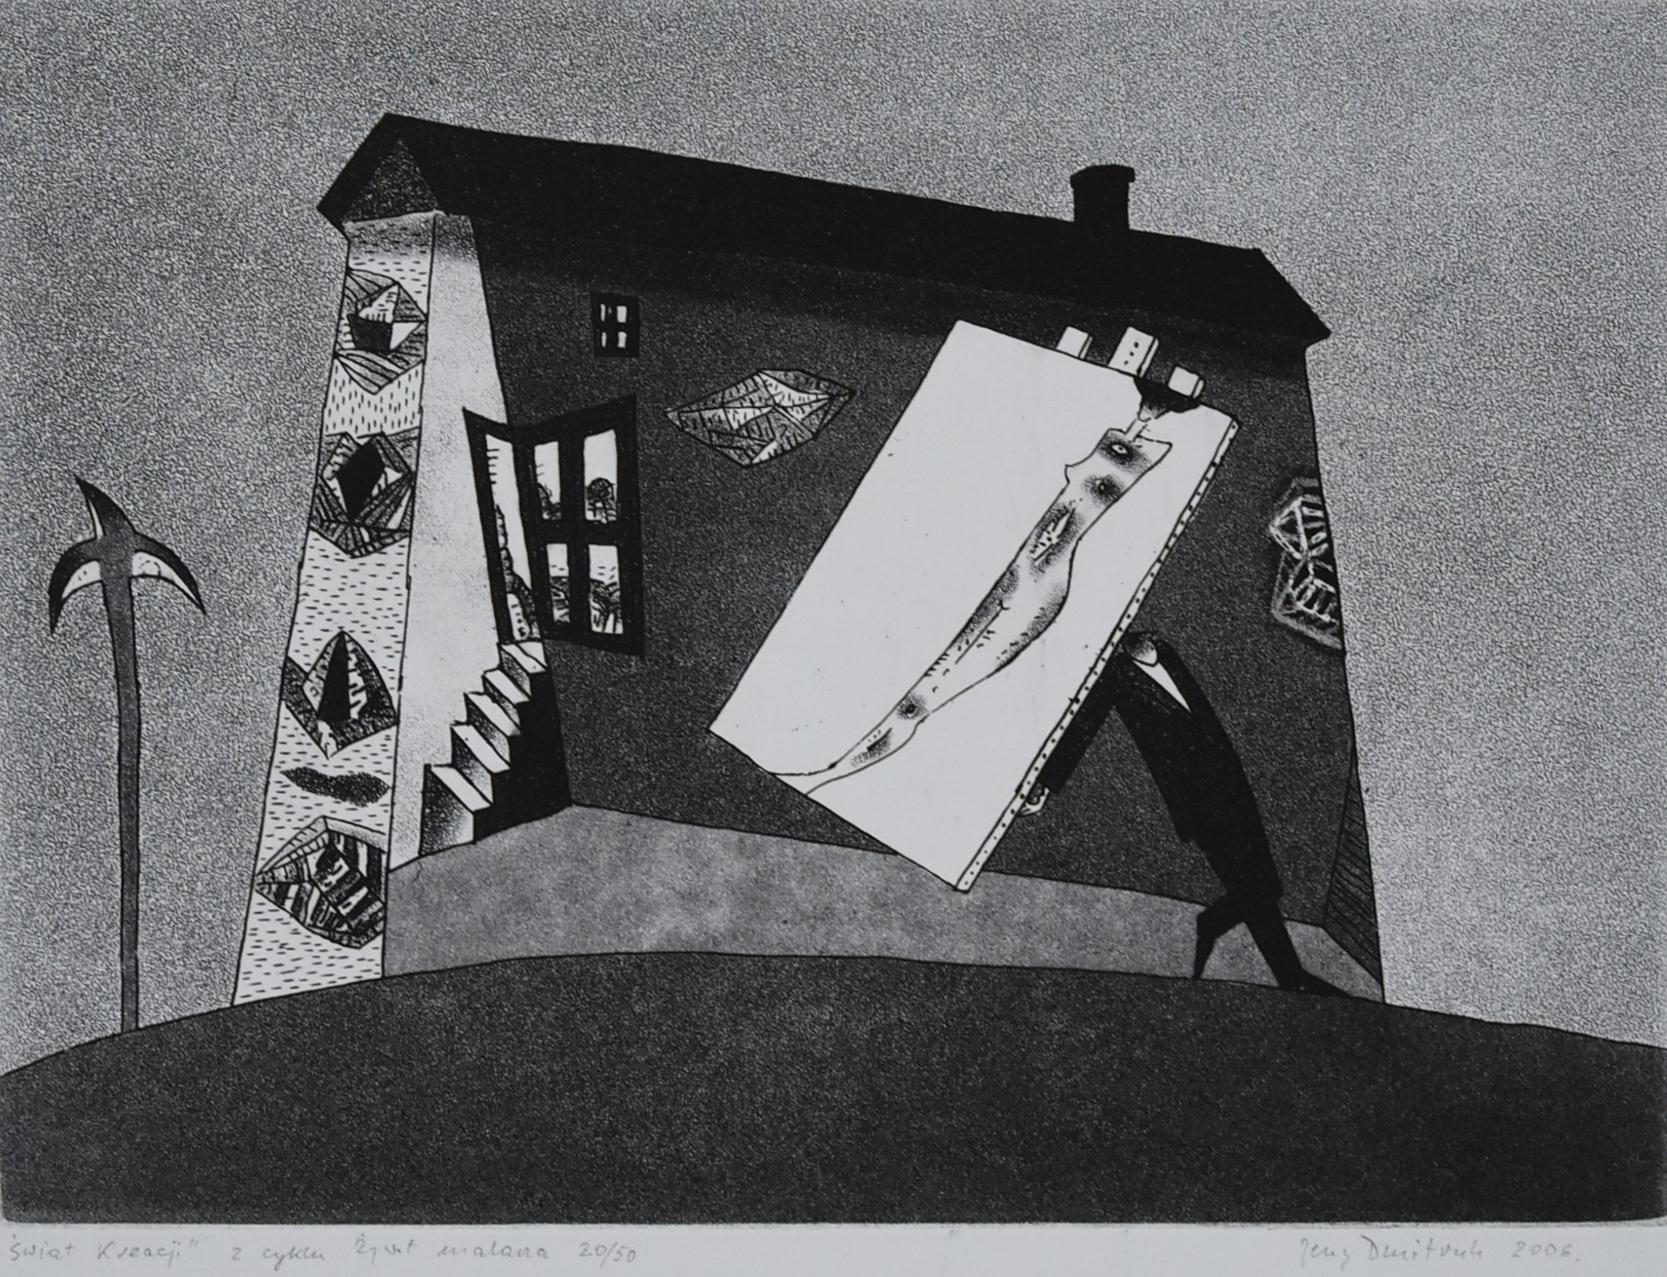 Z cyklu Żywot malarza, Świat kreacji, 2006